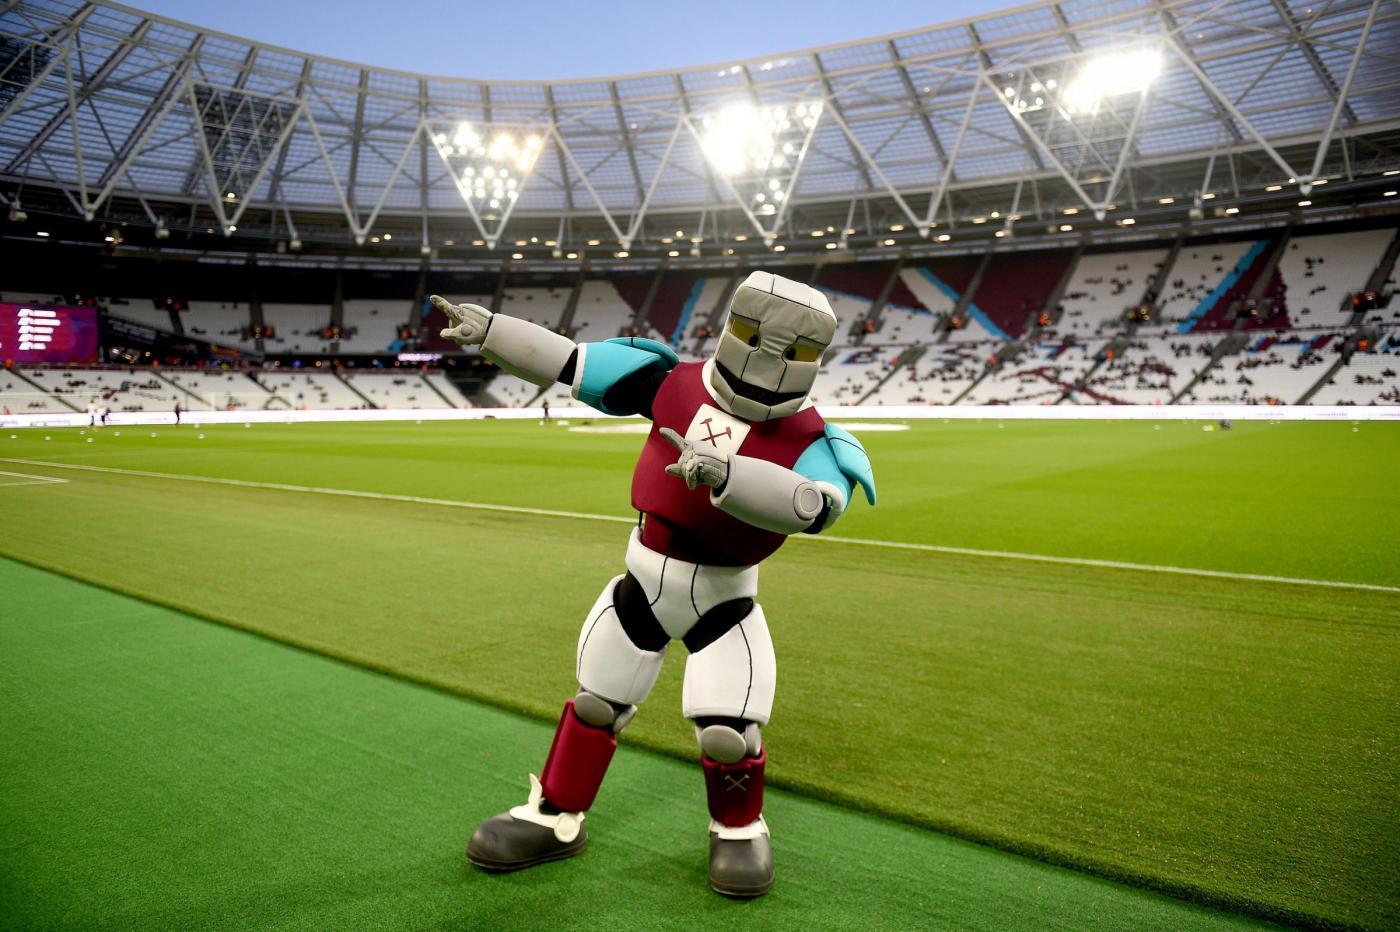 West Ham-Nasri: il centrocampista francese si trasferirà a Londra e vestirà la maglia degli Hammers già da gennaio